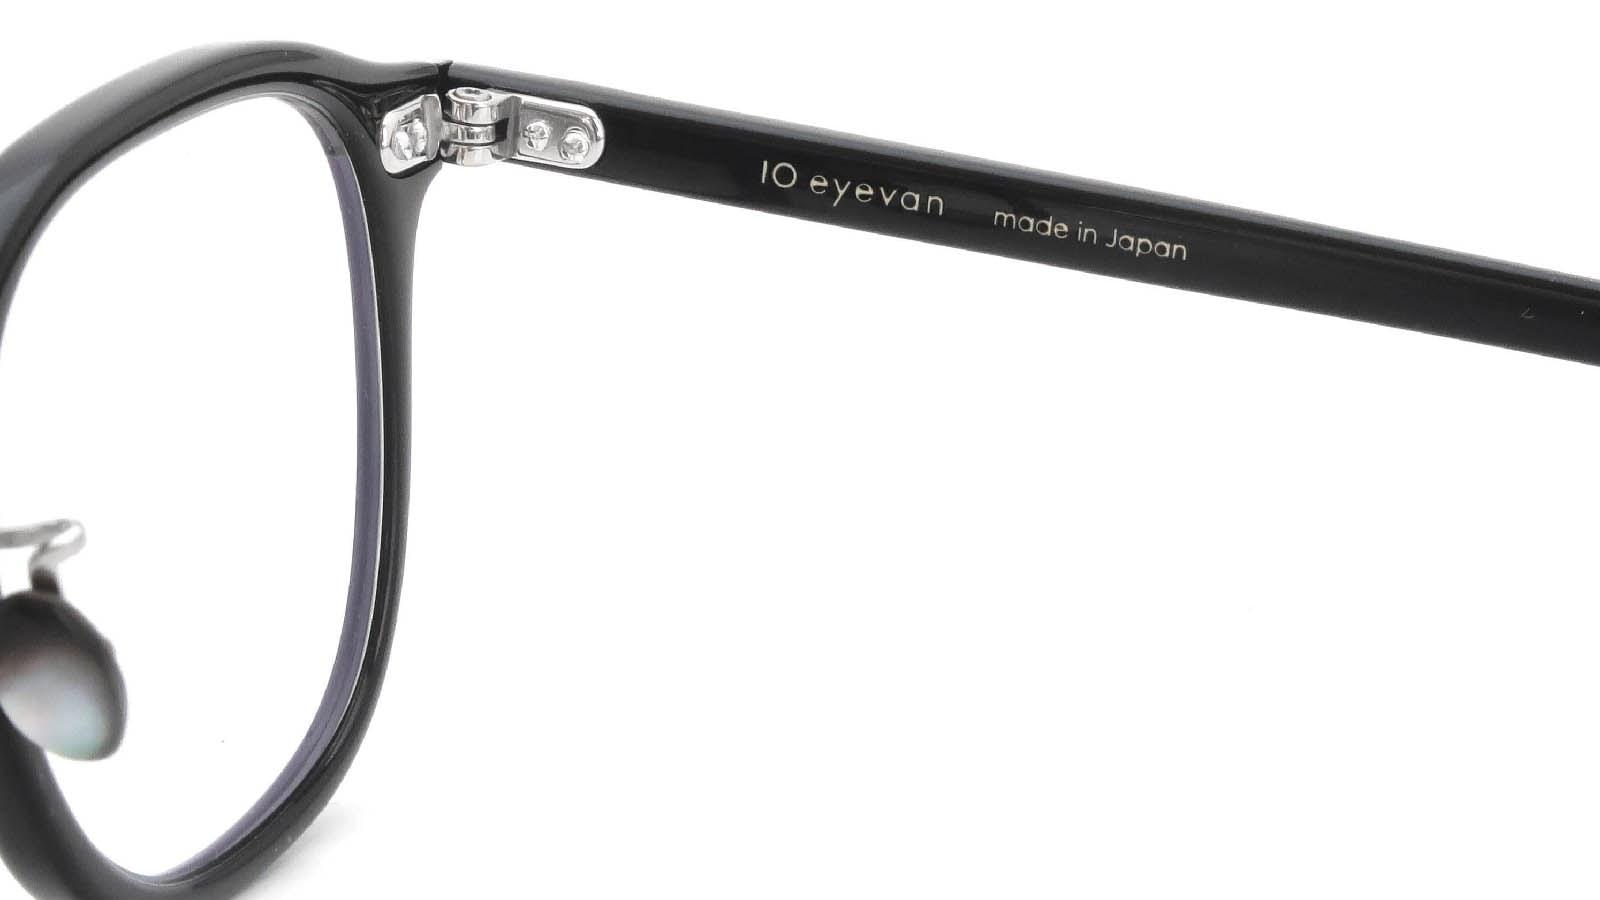 10 eyevan NO.7 Ⅲ 47size  c.1002S Black 11